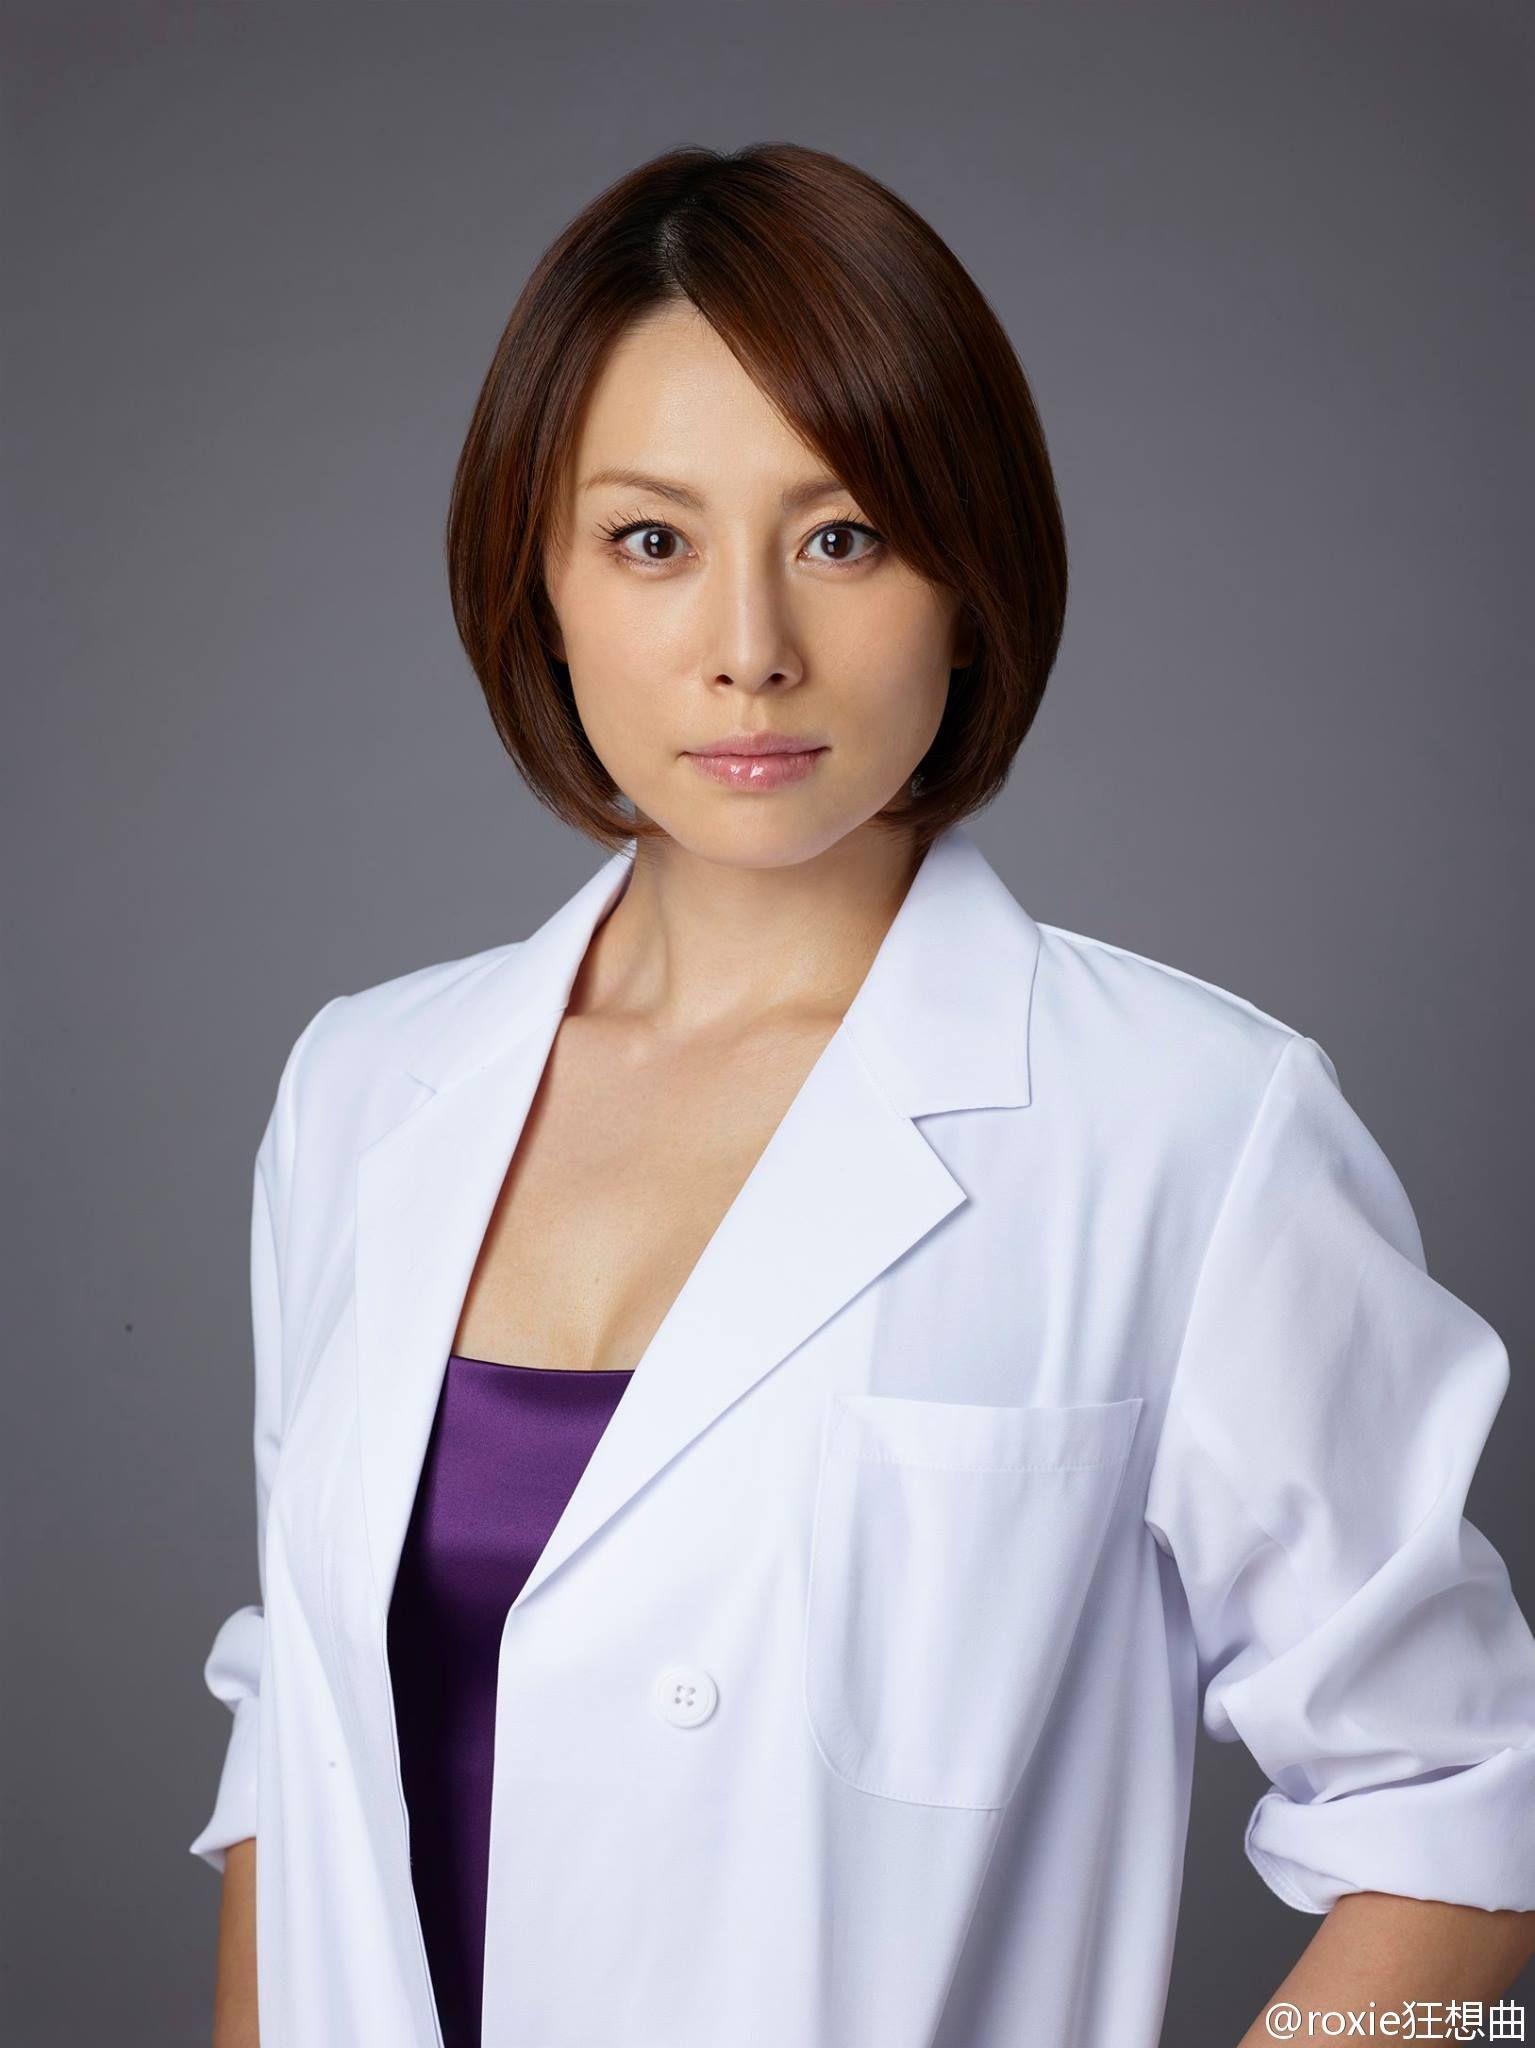 Doctor X 4 Ryoko Yonekura 米倉涼子 Pinterest